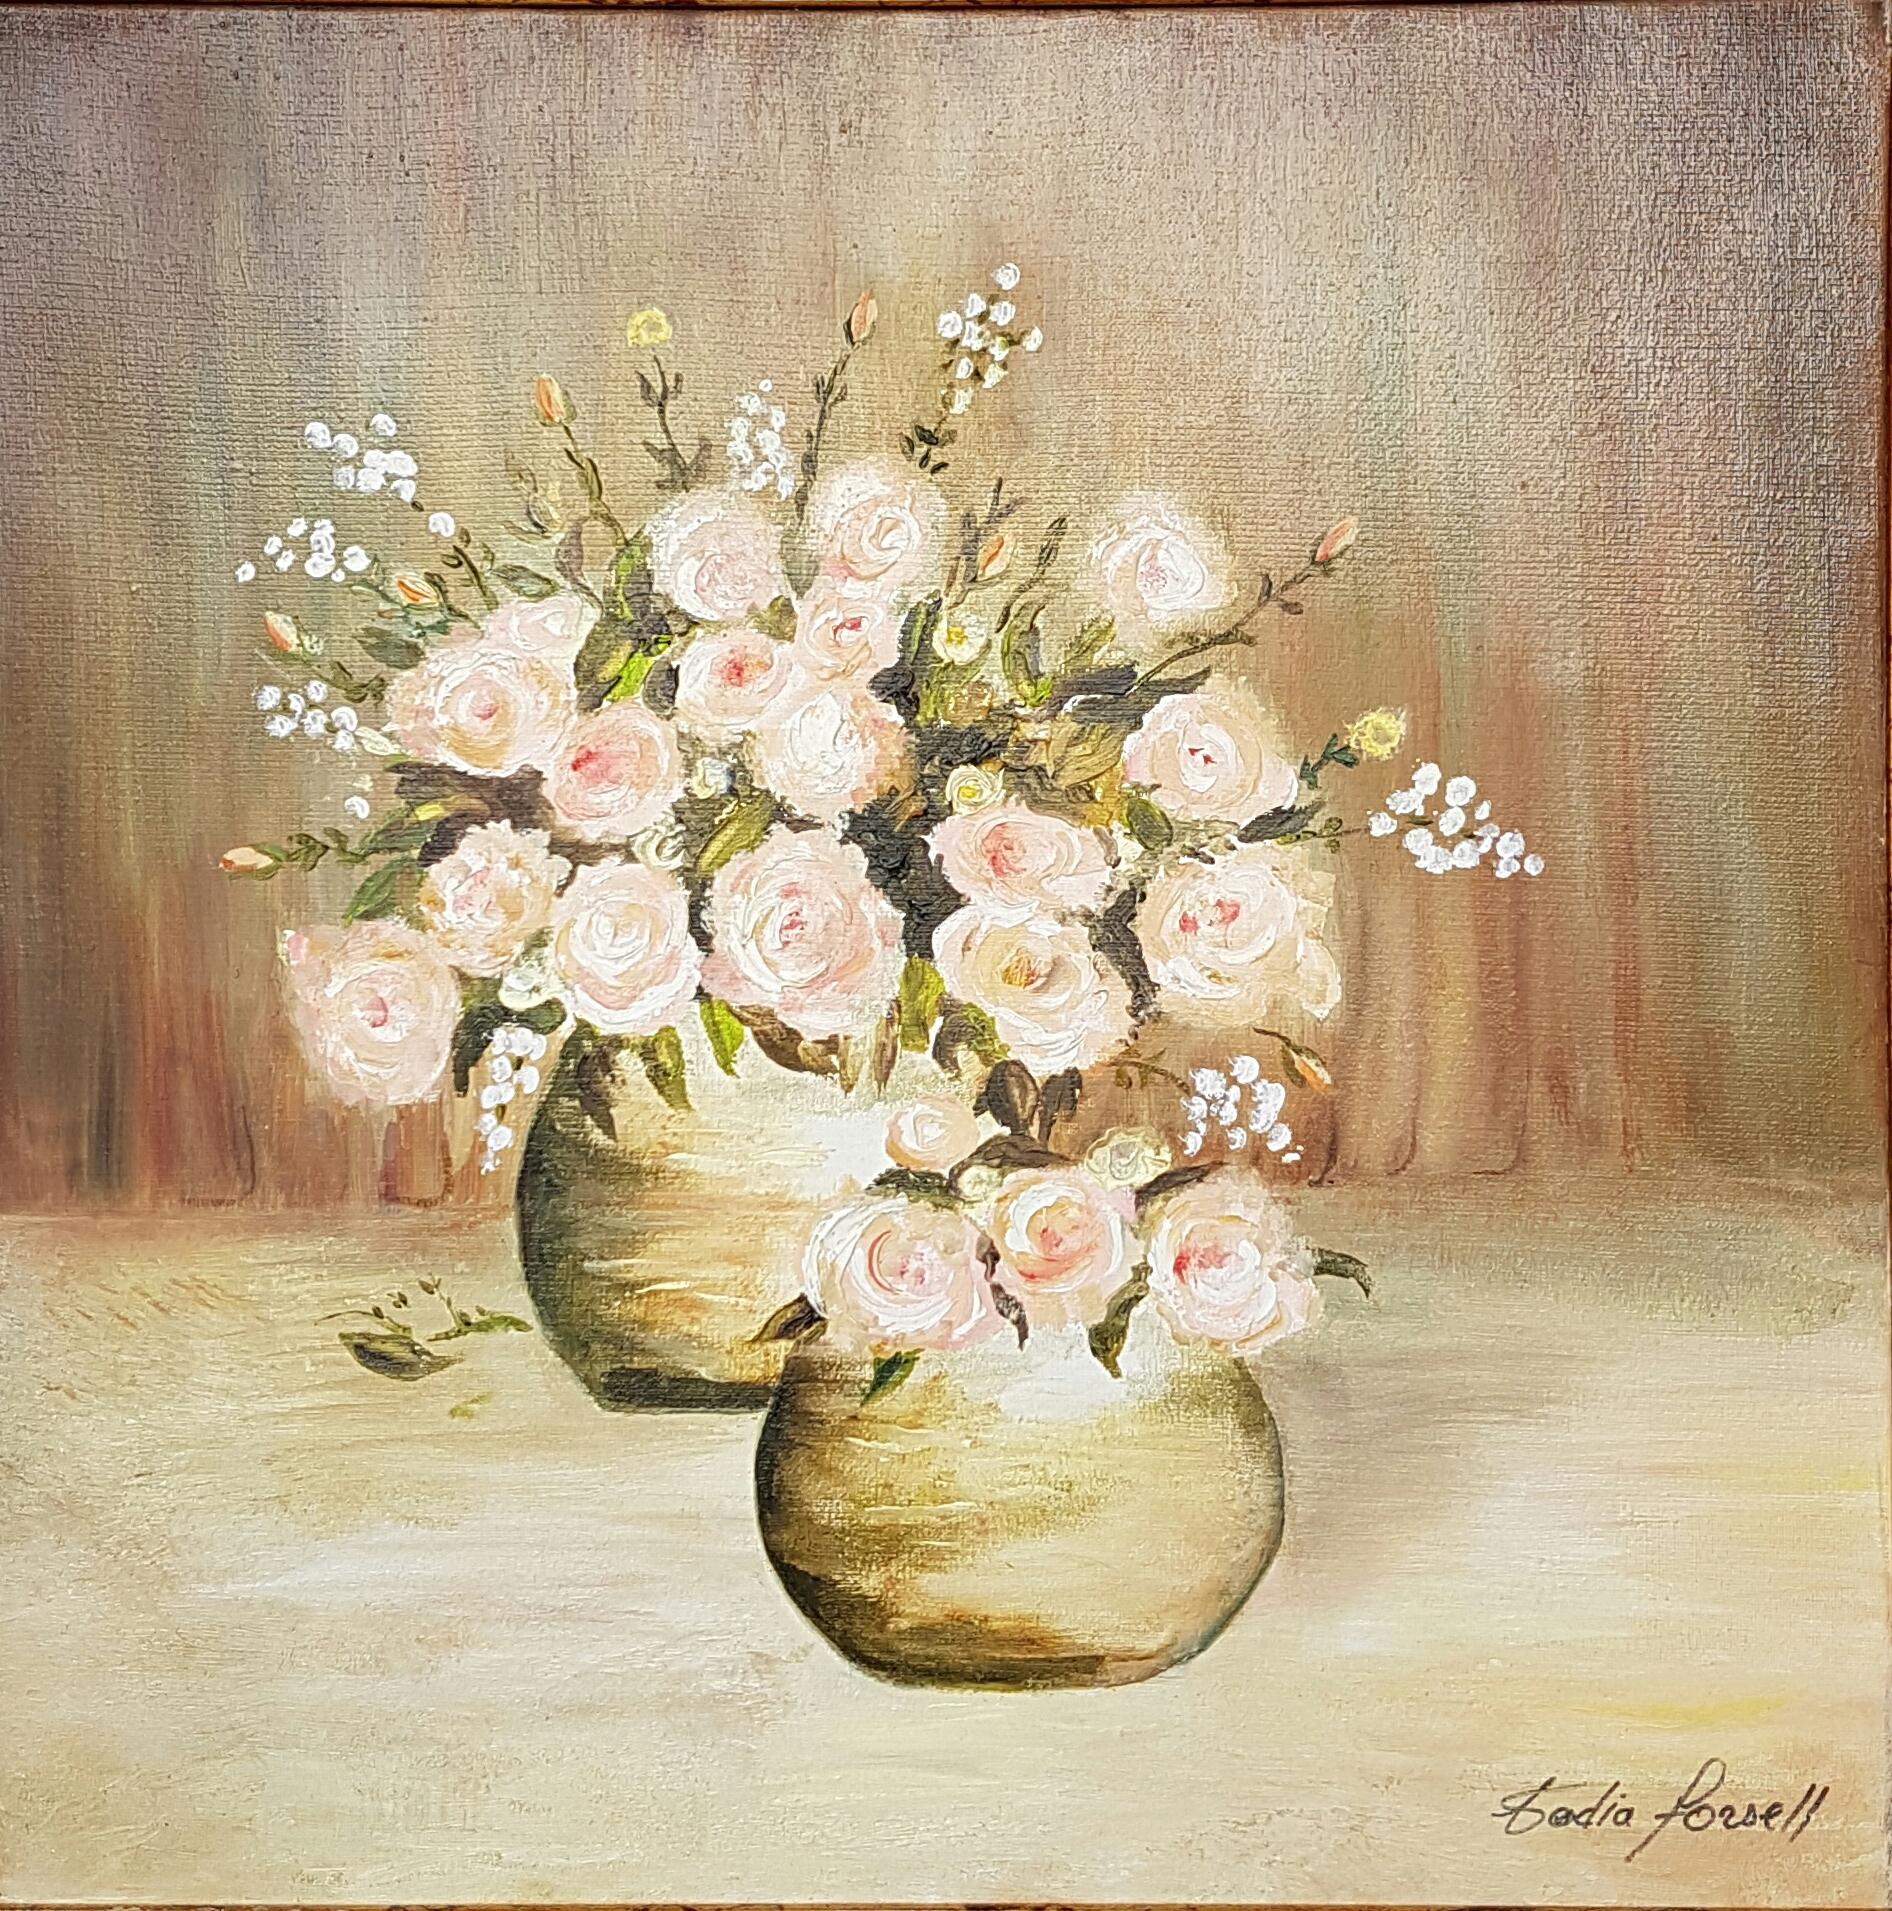 Nadia Forsell - Roses.jpg